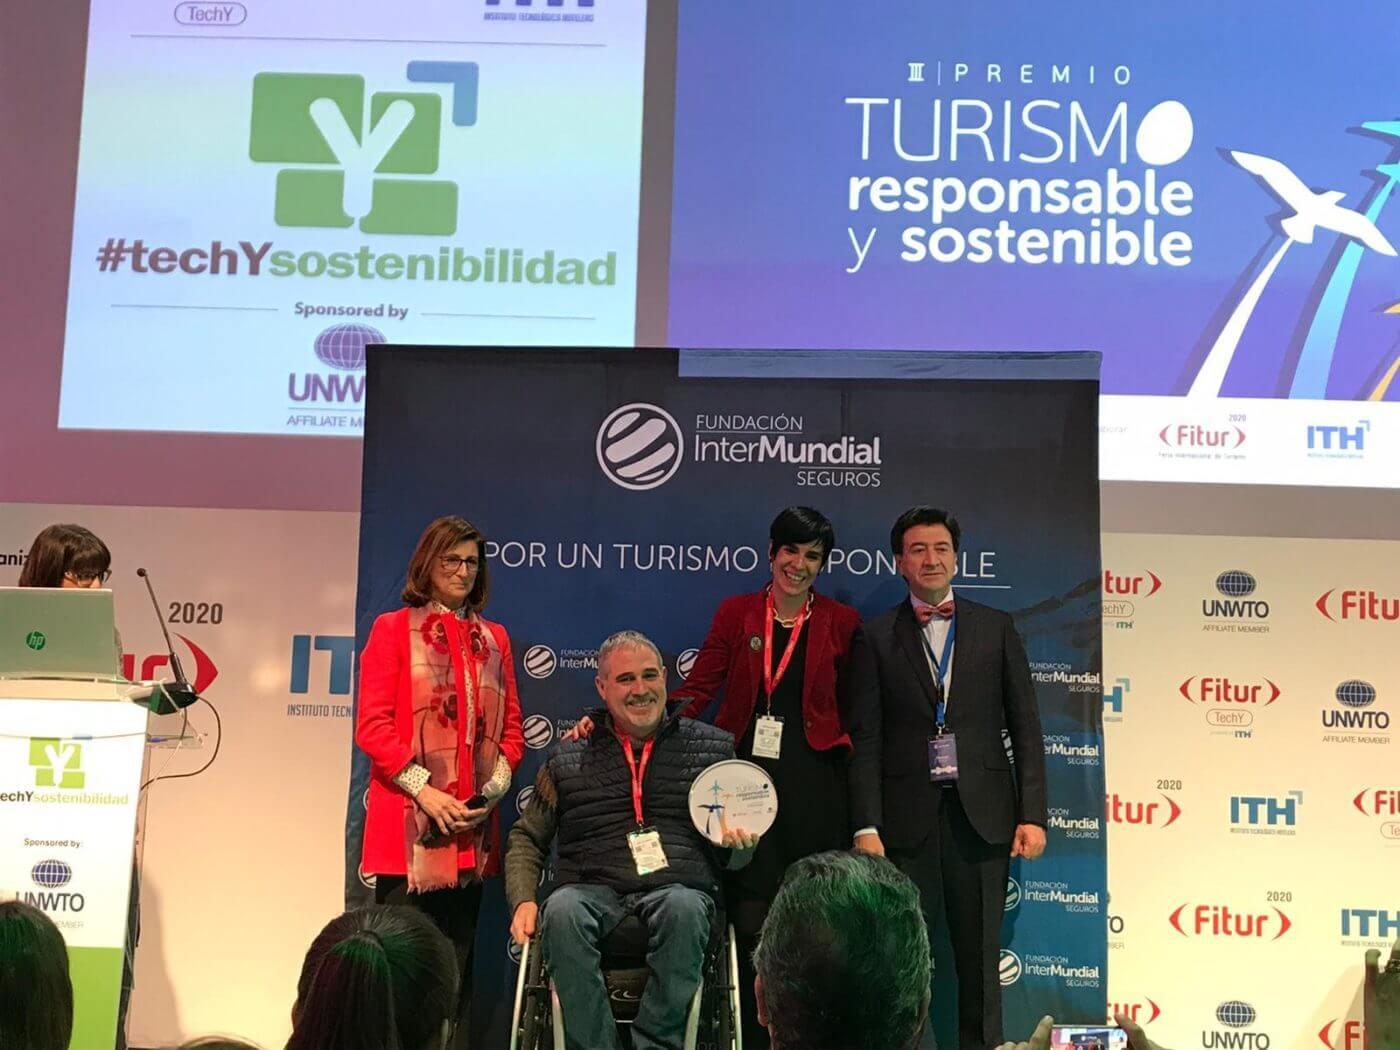 El blog 'Silleros viajeros' gana el premio de Turismo Responsable y Sostenible en FITUR